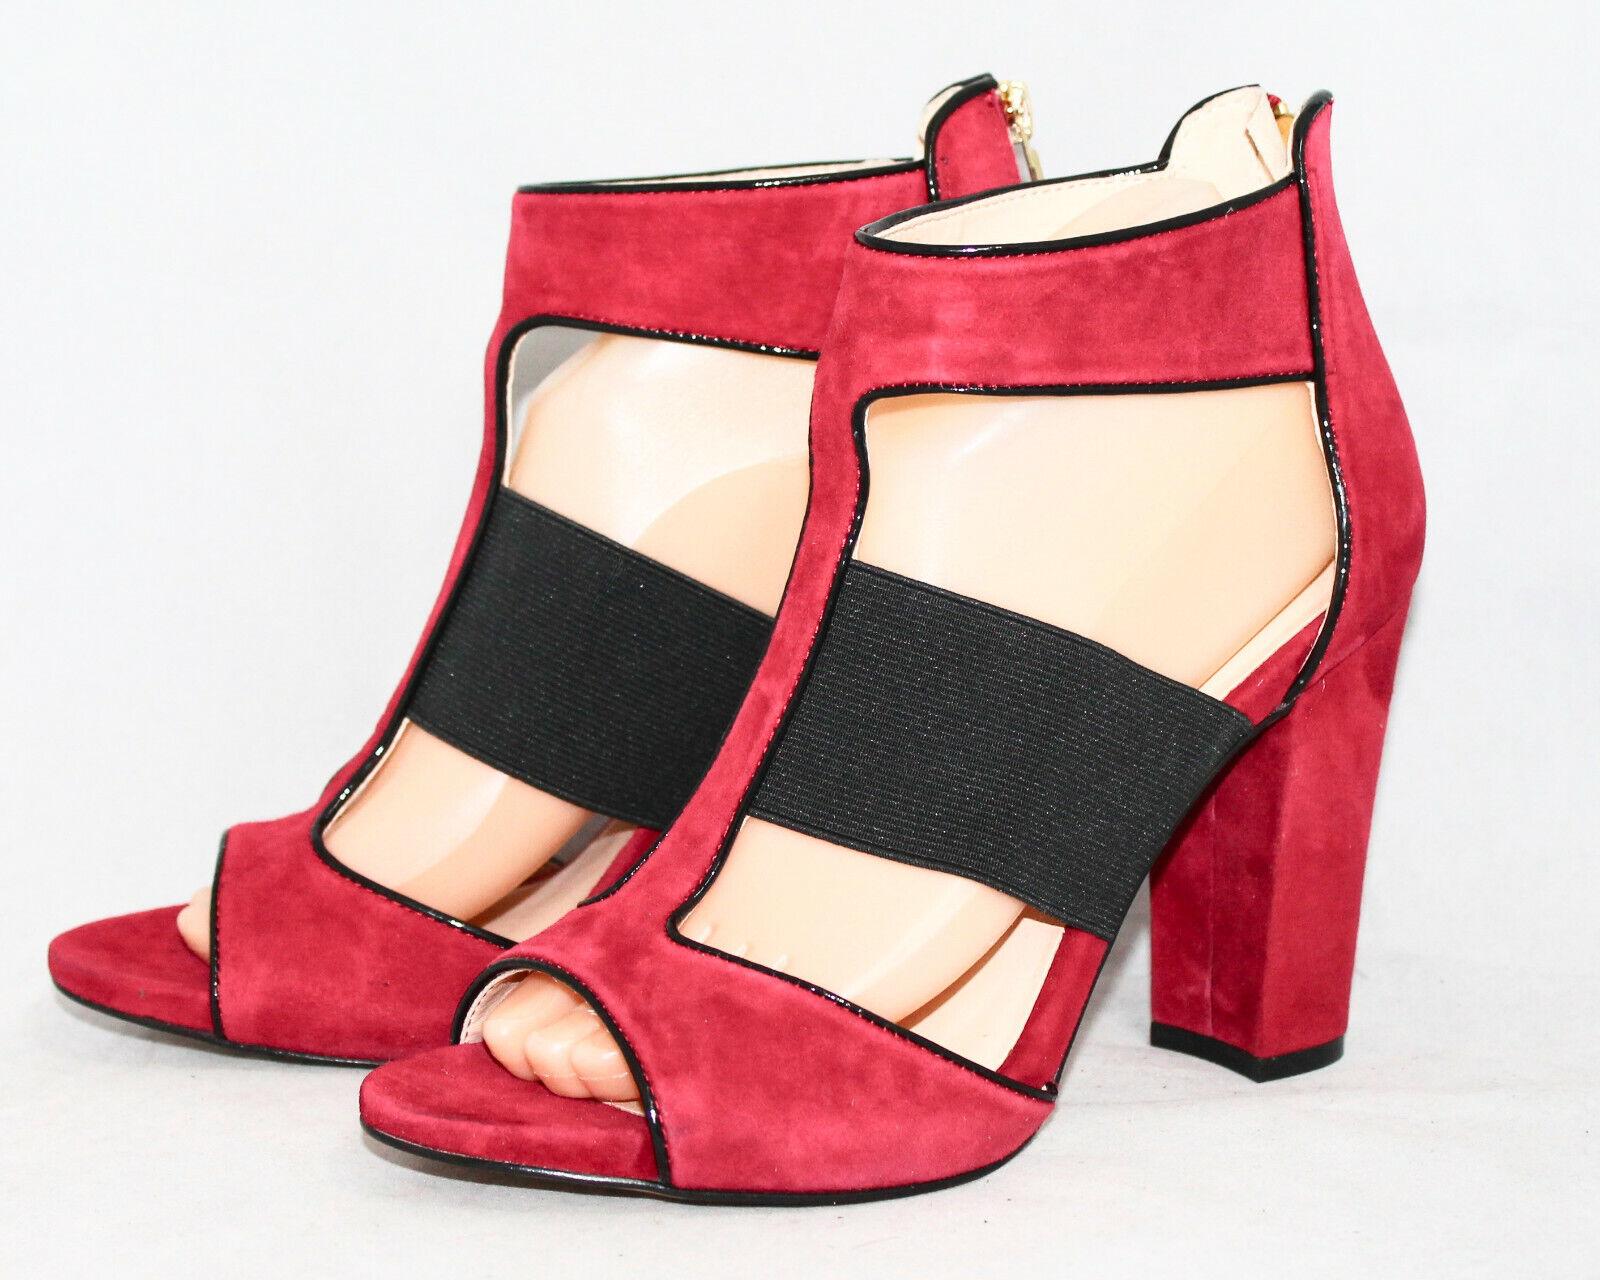 Karl Lagerfeld roselie Wo 's 8.5 M Rouge En Daim Talon Haut Robe Sandale Arrière Zip